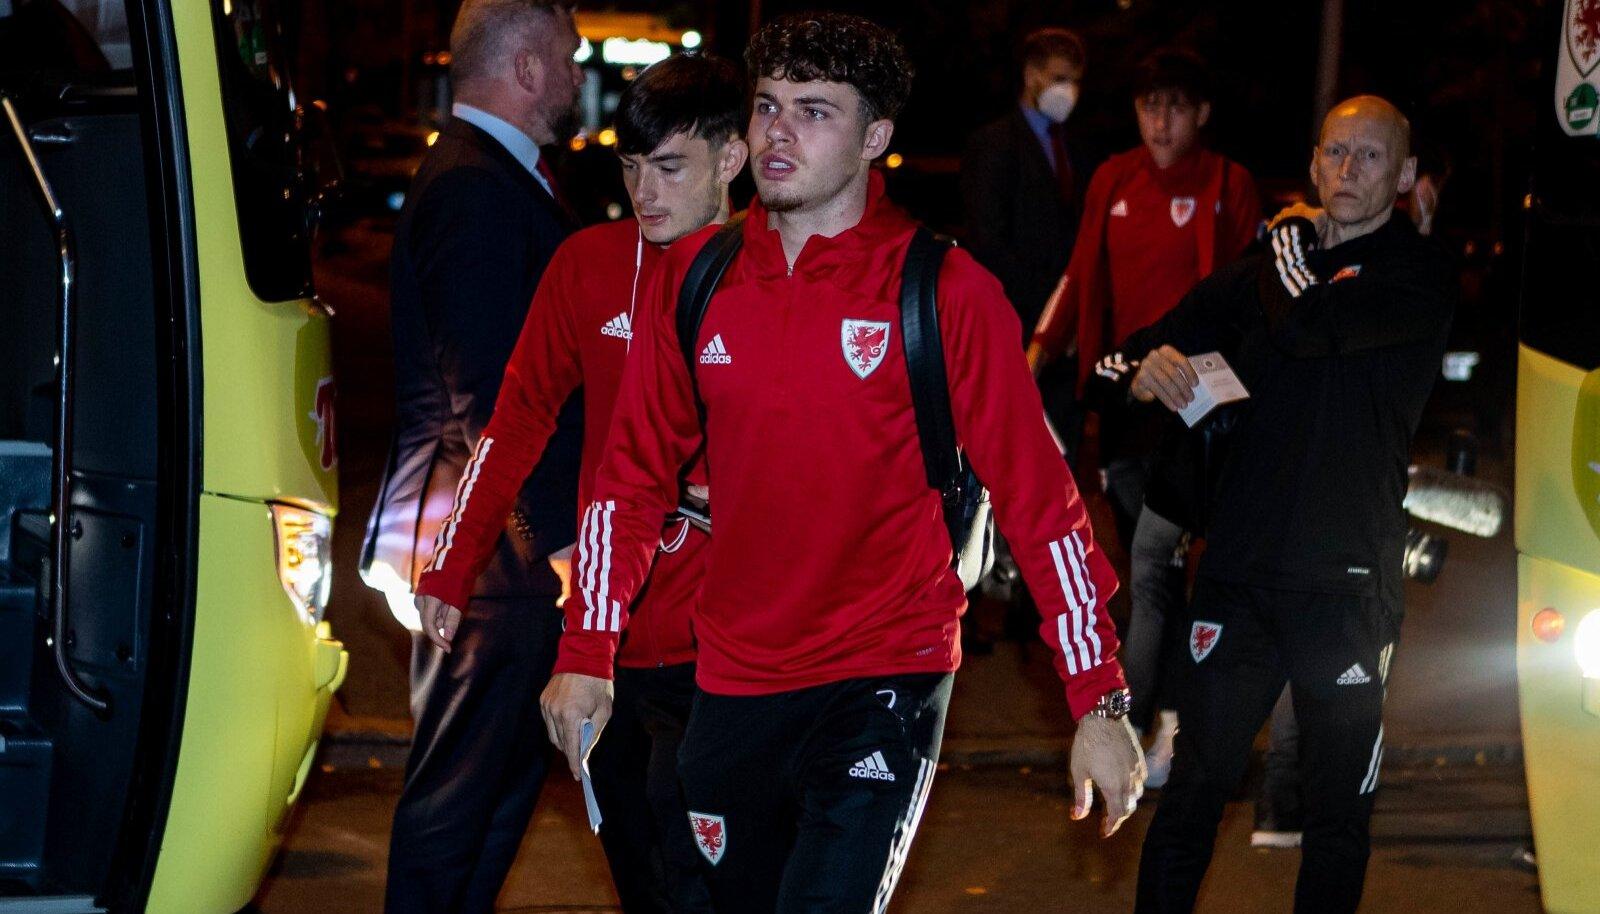 Walesi jalgpallikoondislased Tallinnas.